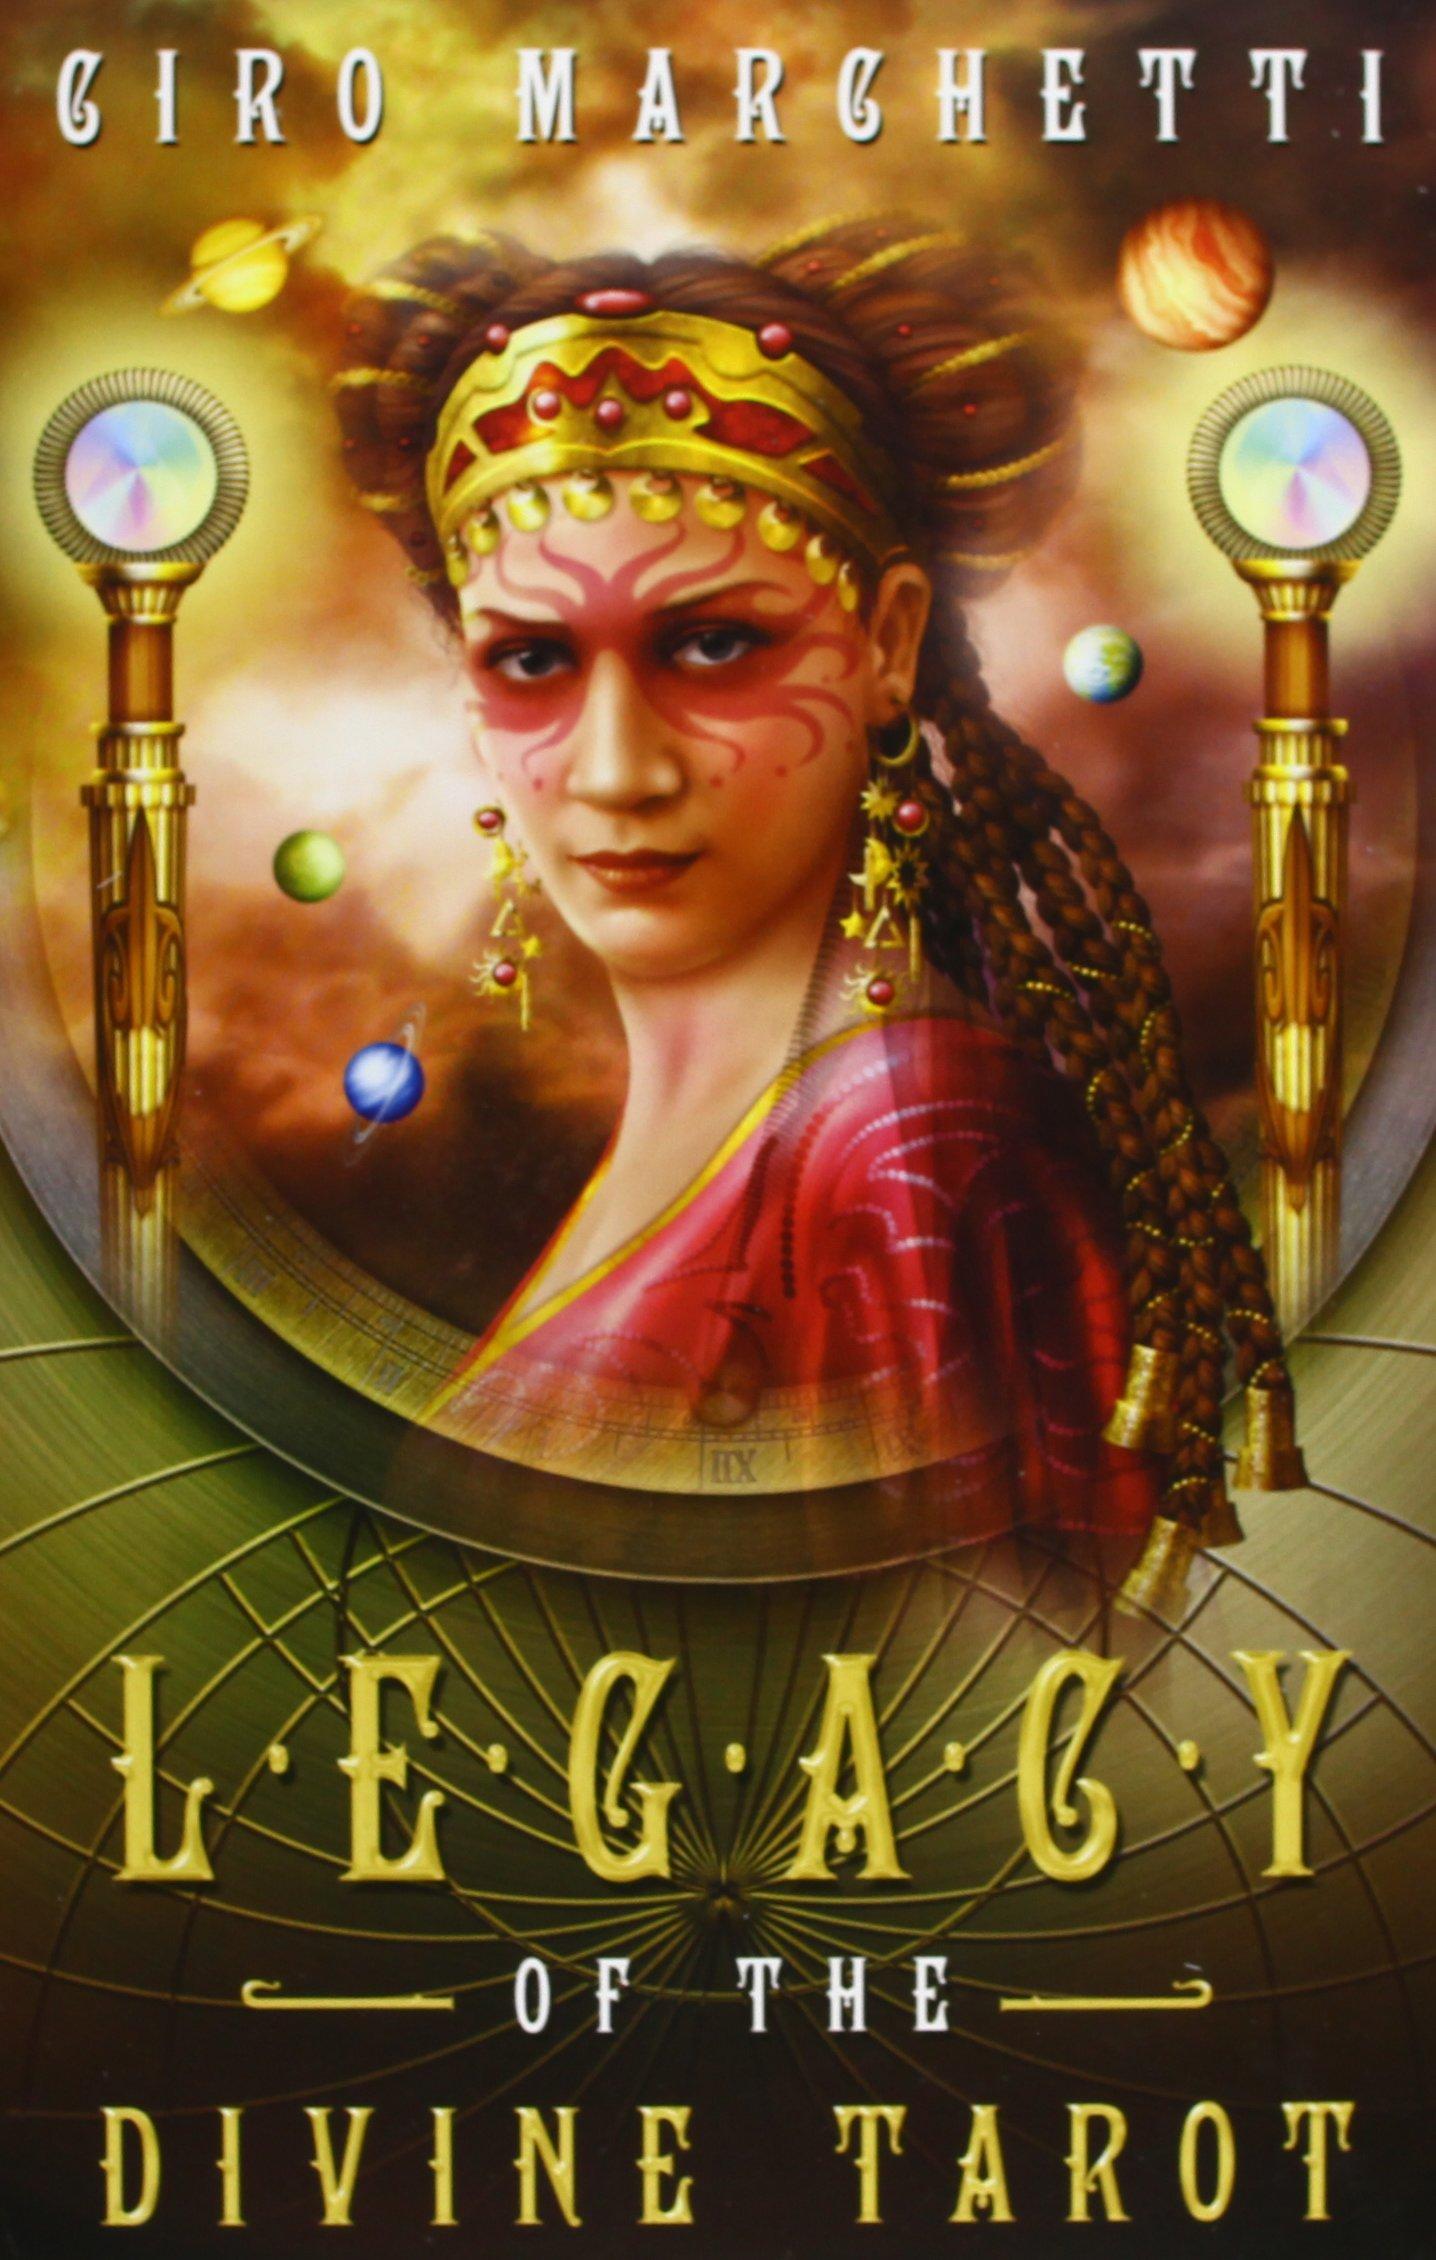 Ezoterycznie: Legacy Of The Divine Tarot- Recenzja